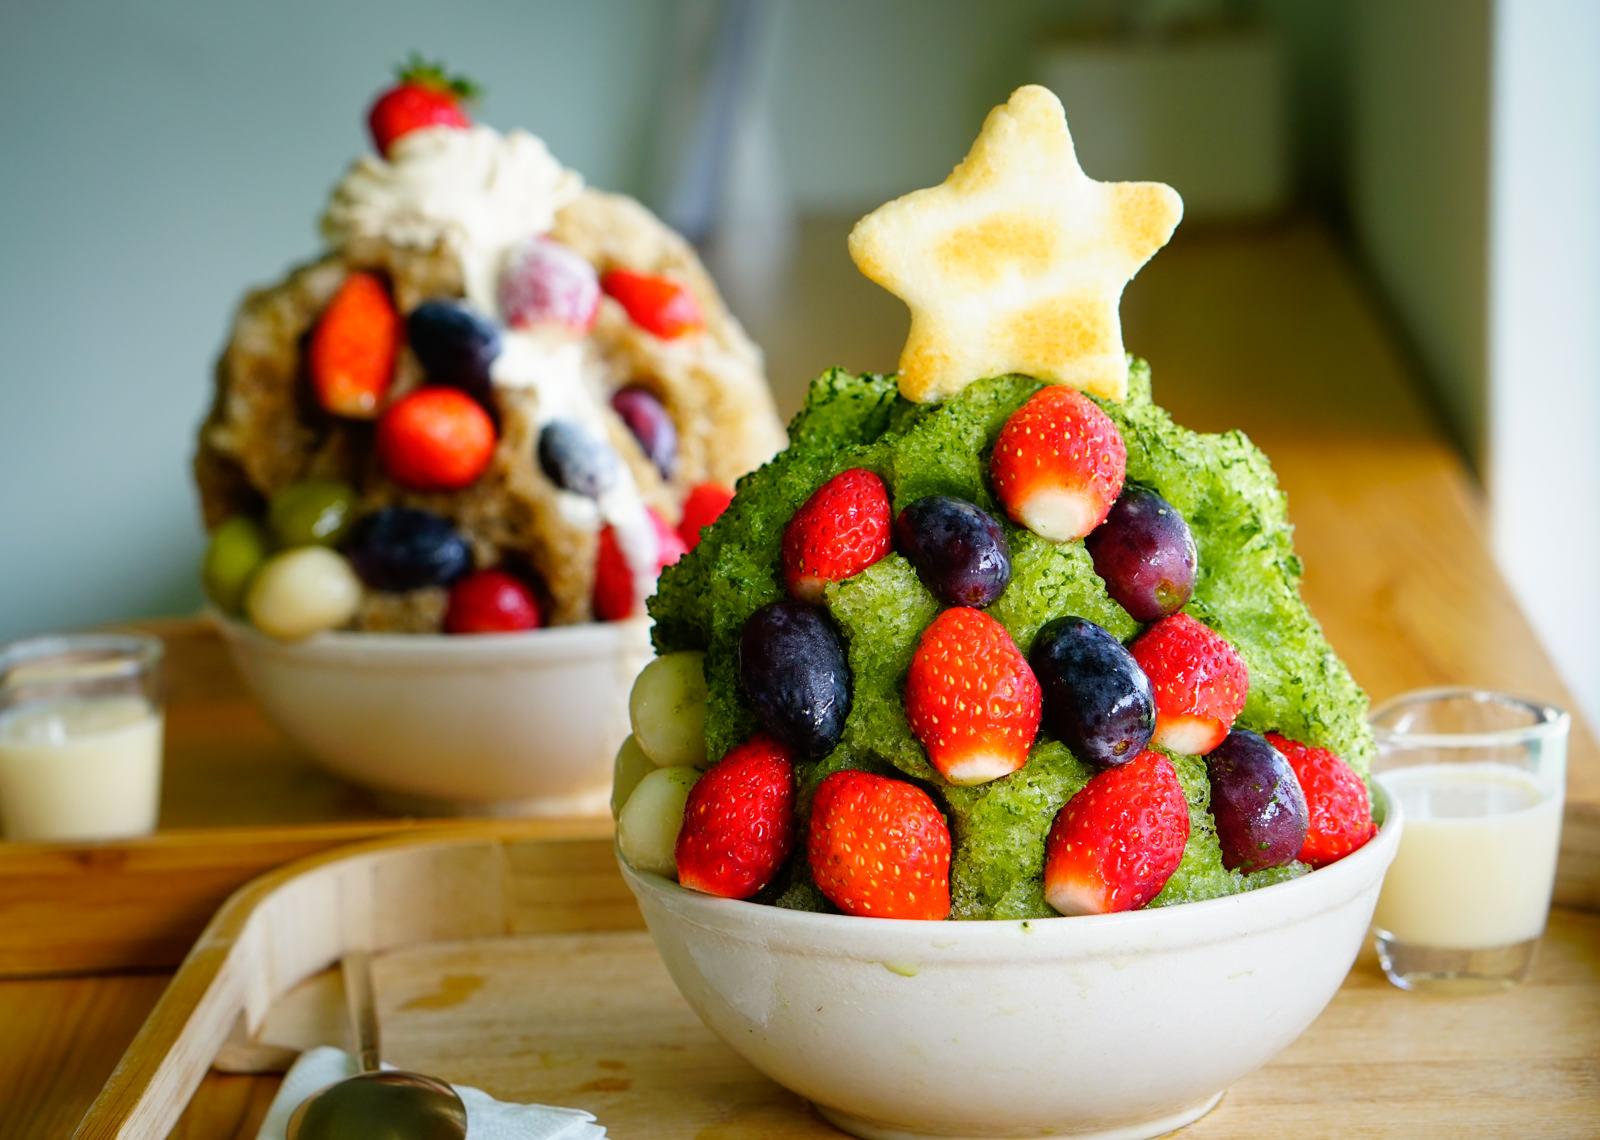 [高雄]冰屋-小山園抹茶聖誕樹刨冰! 繽紛吃冰過聖誕 高雄冰店推薦